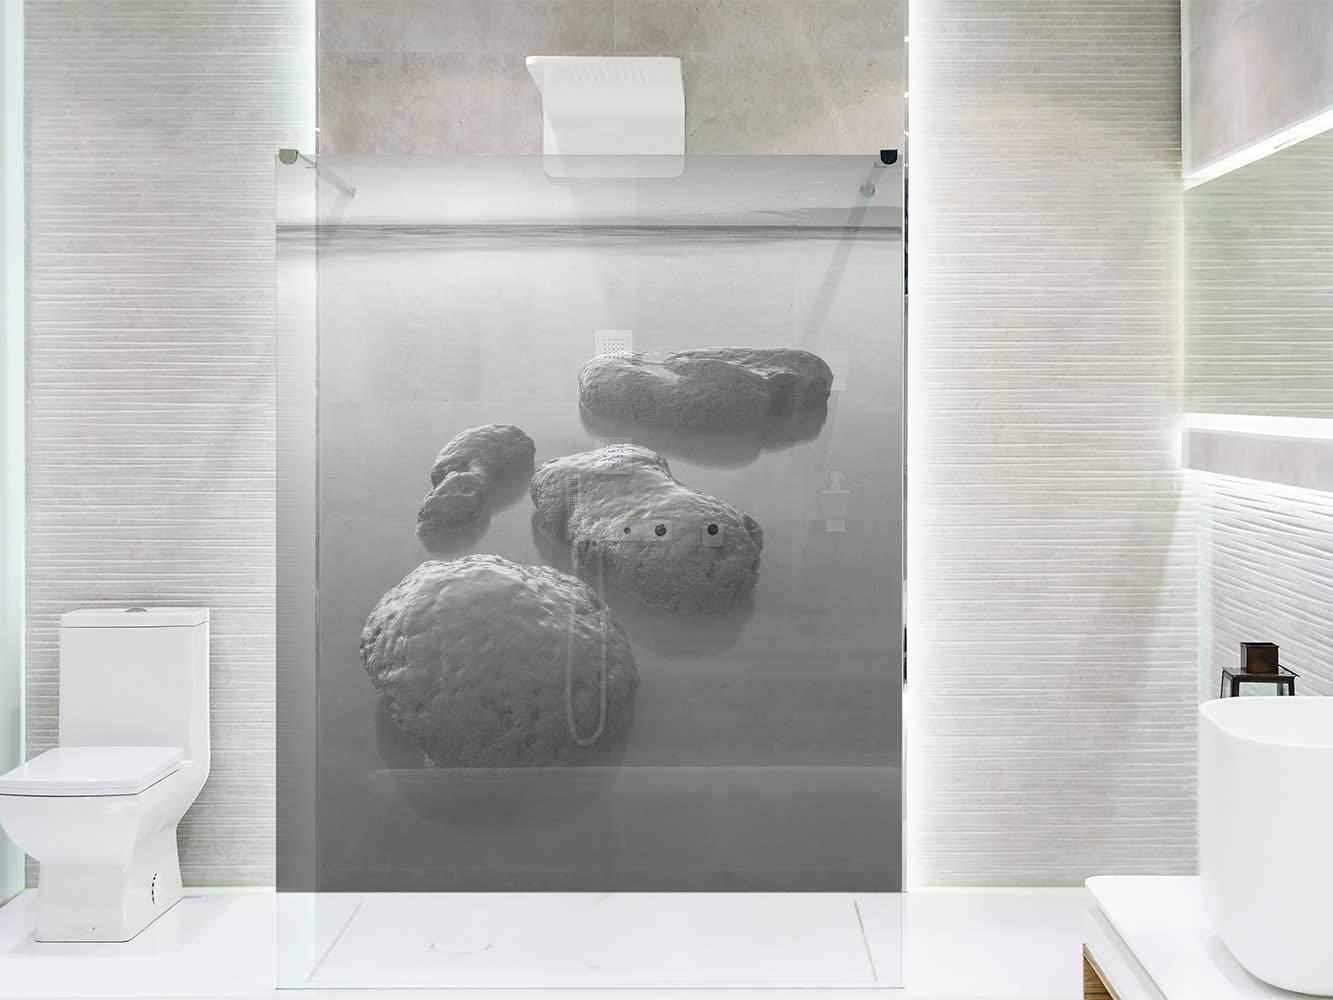 Vinilo Transparente para Mamparas de Ducha y Baños Piedras Lago Blanco y Negro | Varias Medidas 185x60cm | Adhesivo Resistente y de Fácil Aplicación | Pegatina Adhesiva Decorativa de Diseño Elegante: Amazon.es: Hogar